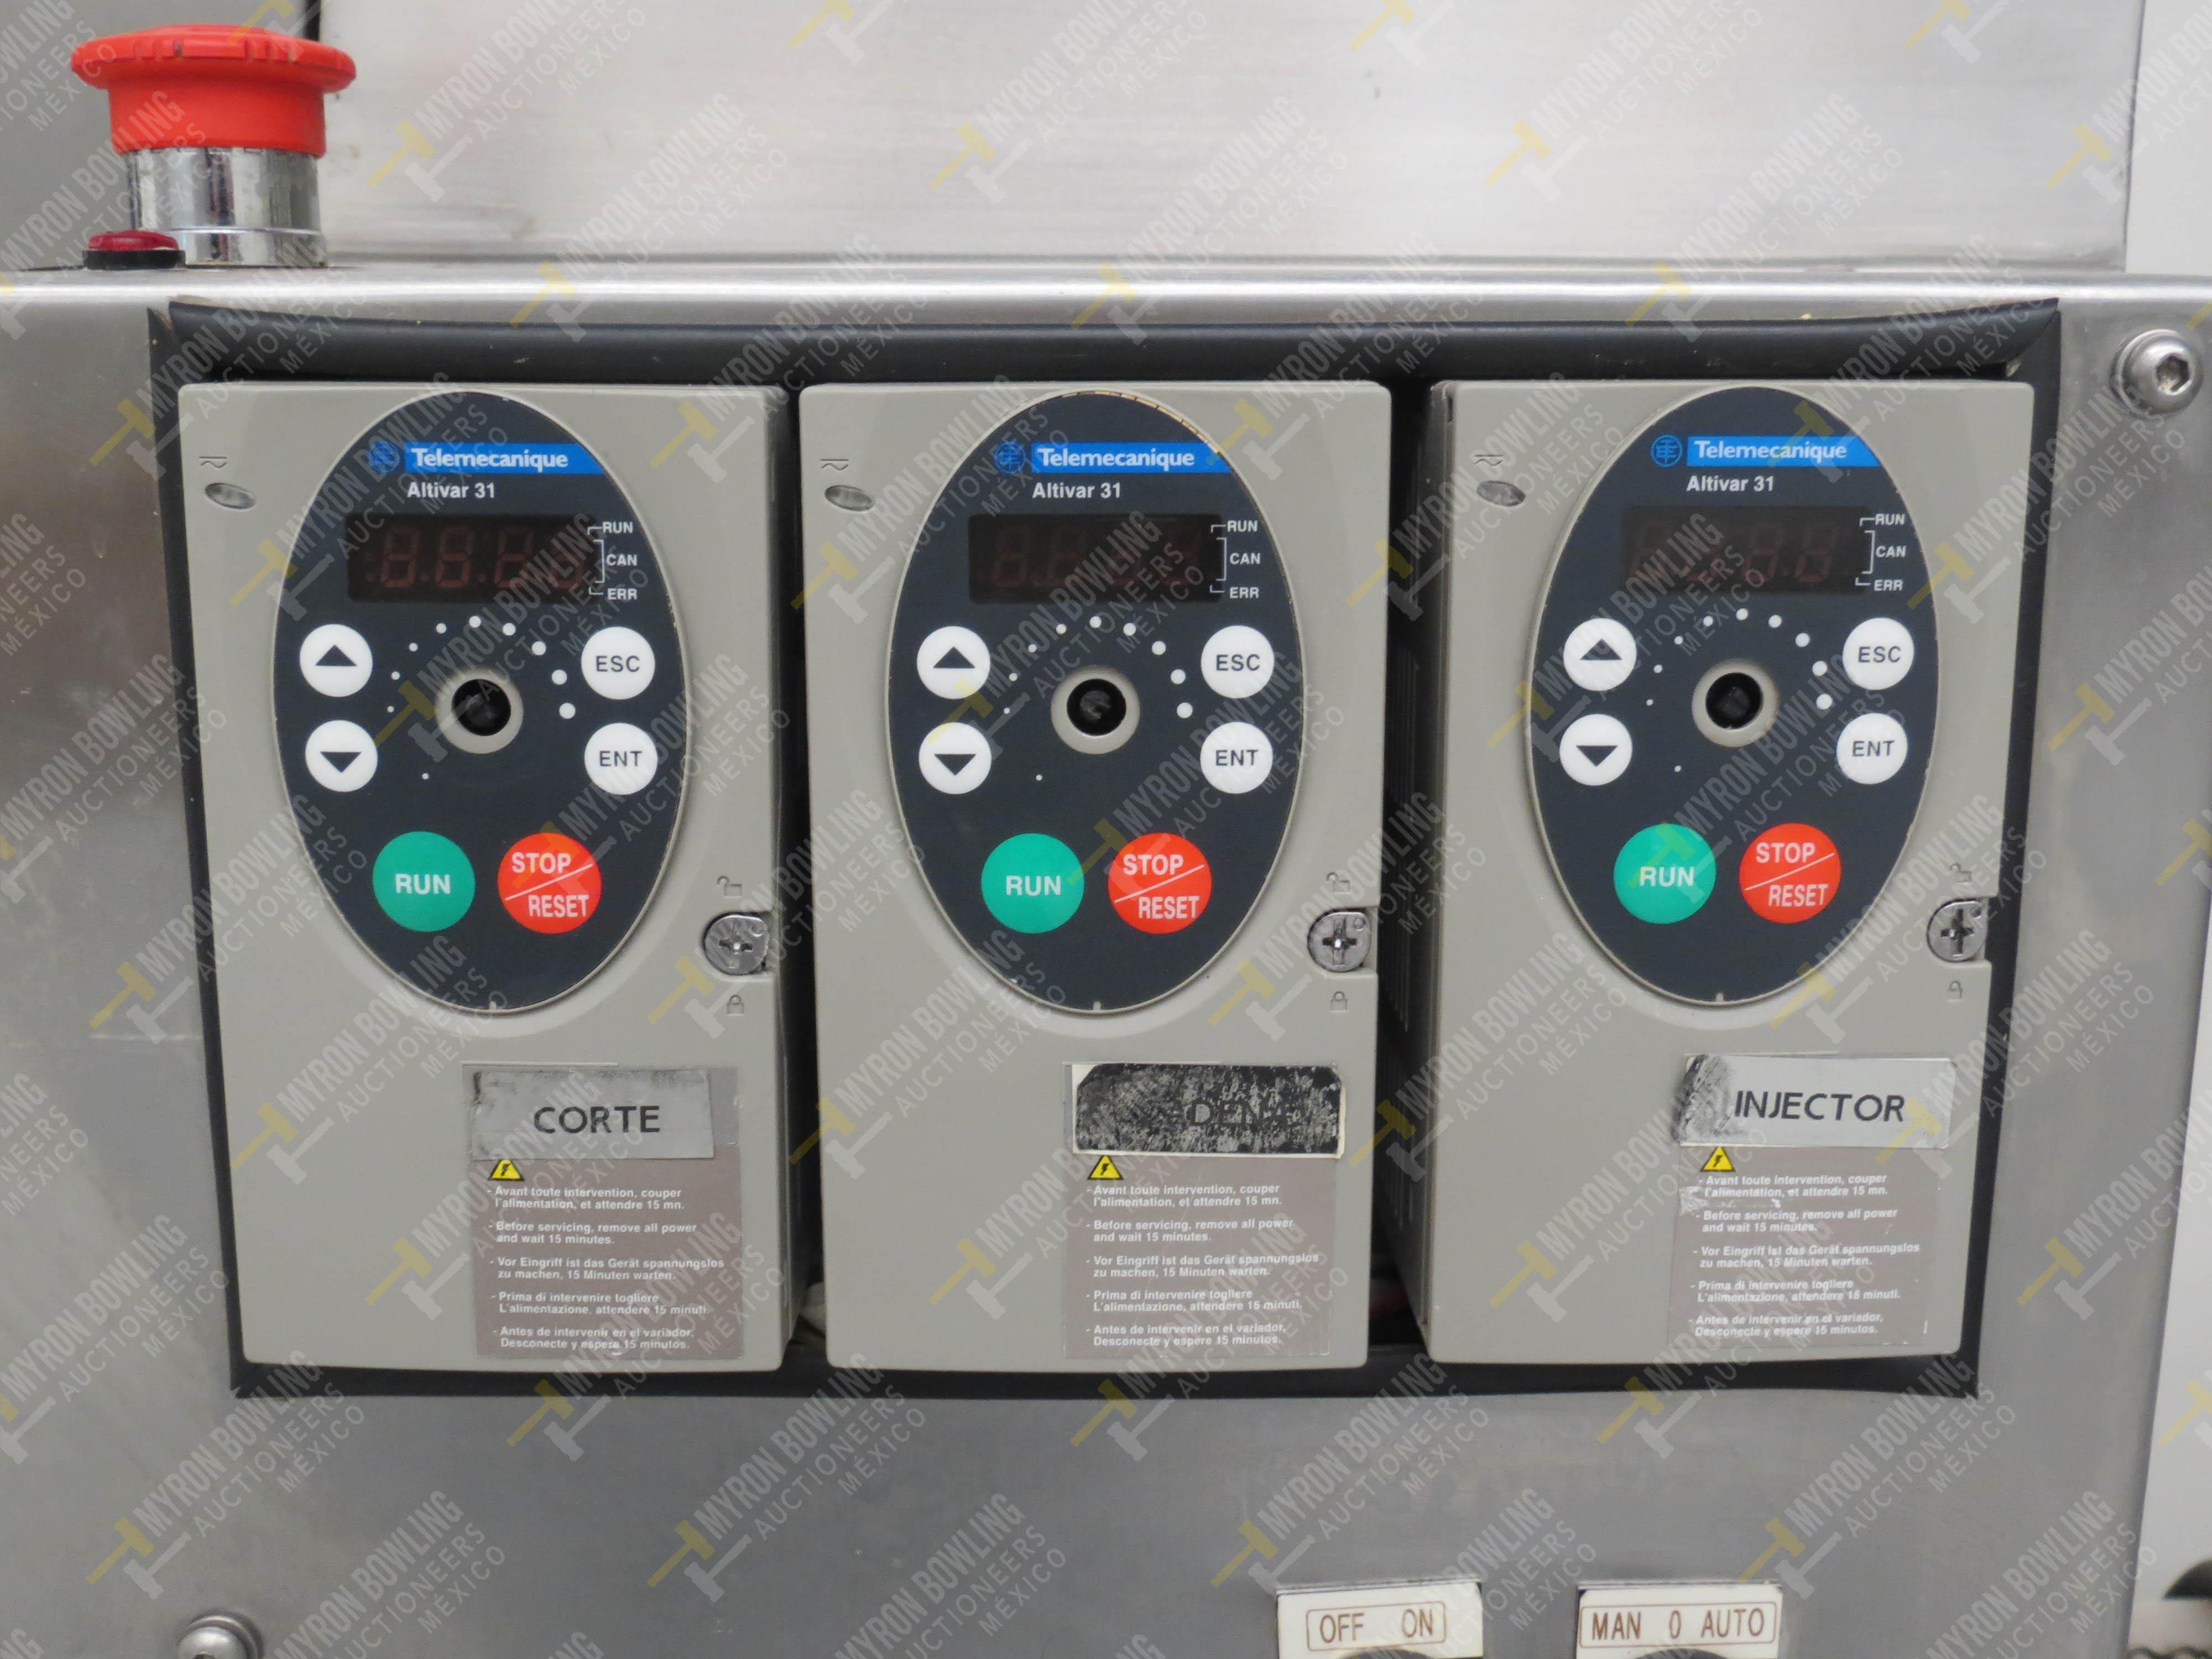 Dosificador de masa marca JMF Tecnología LTDA, Modelo 20012-ESP, No. de Serie 8063201647 - Image 3 of 7